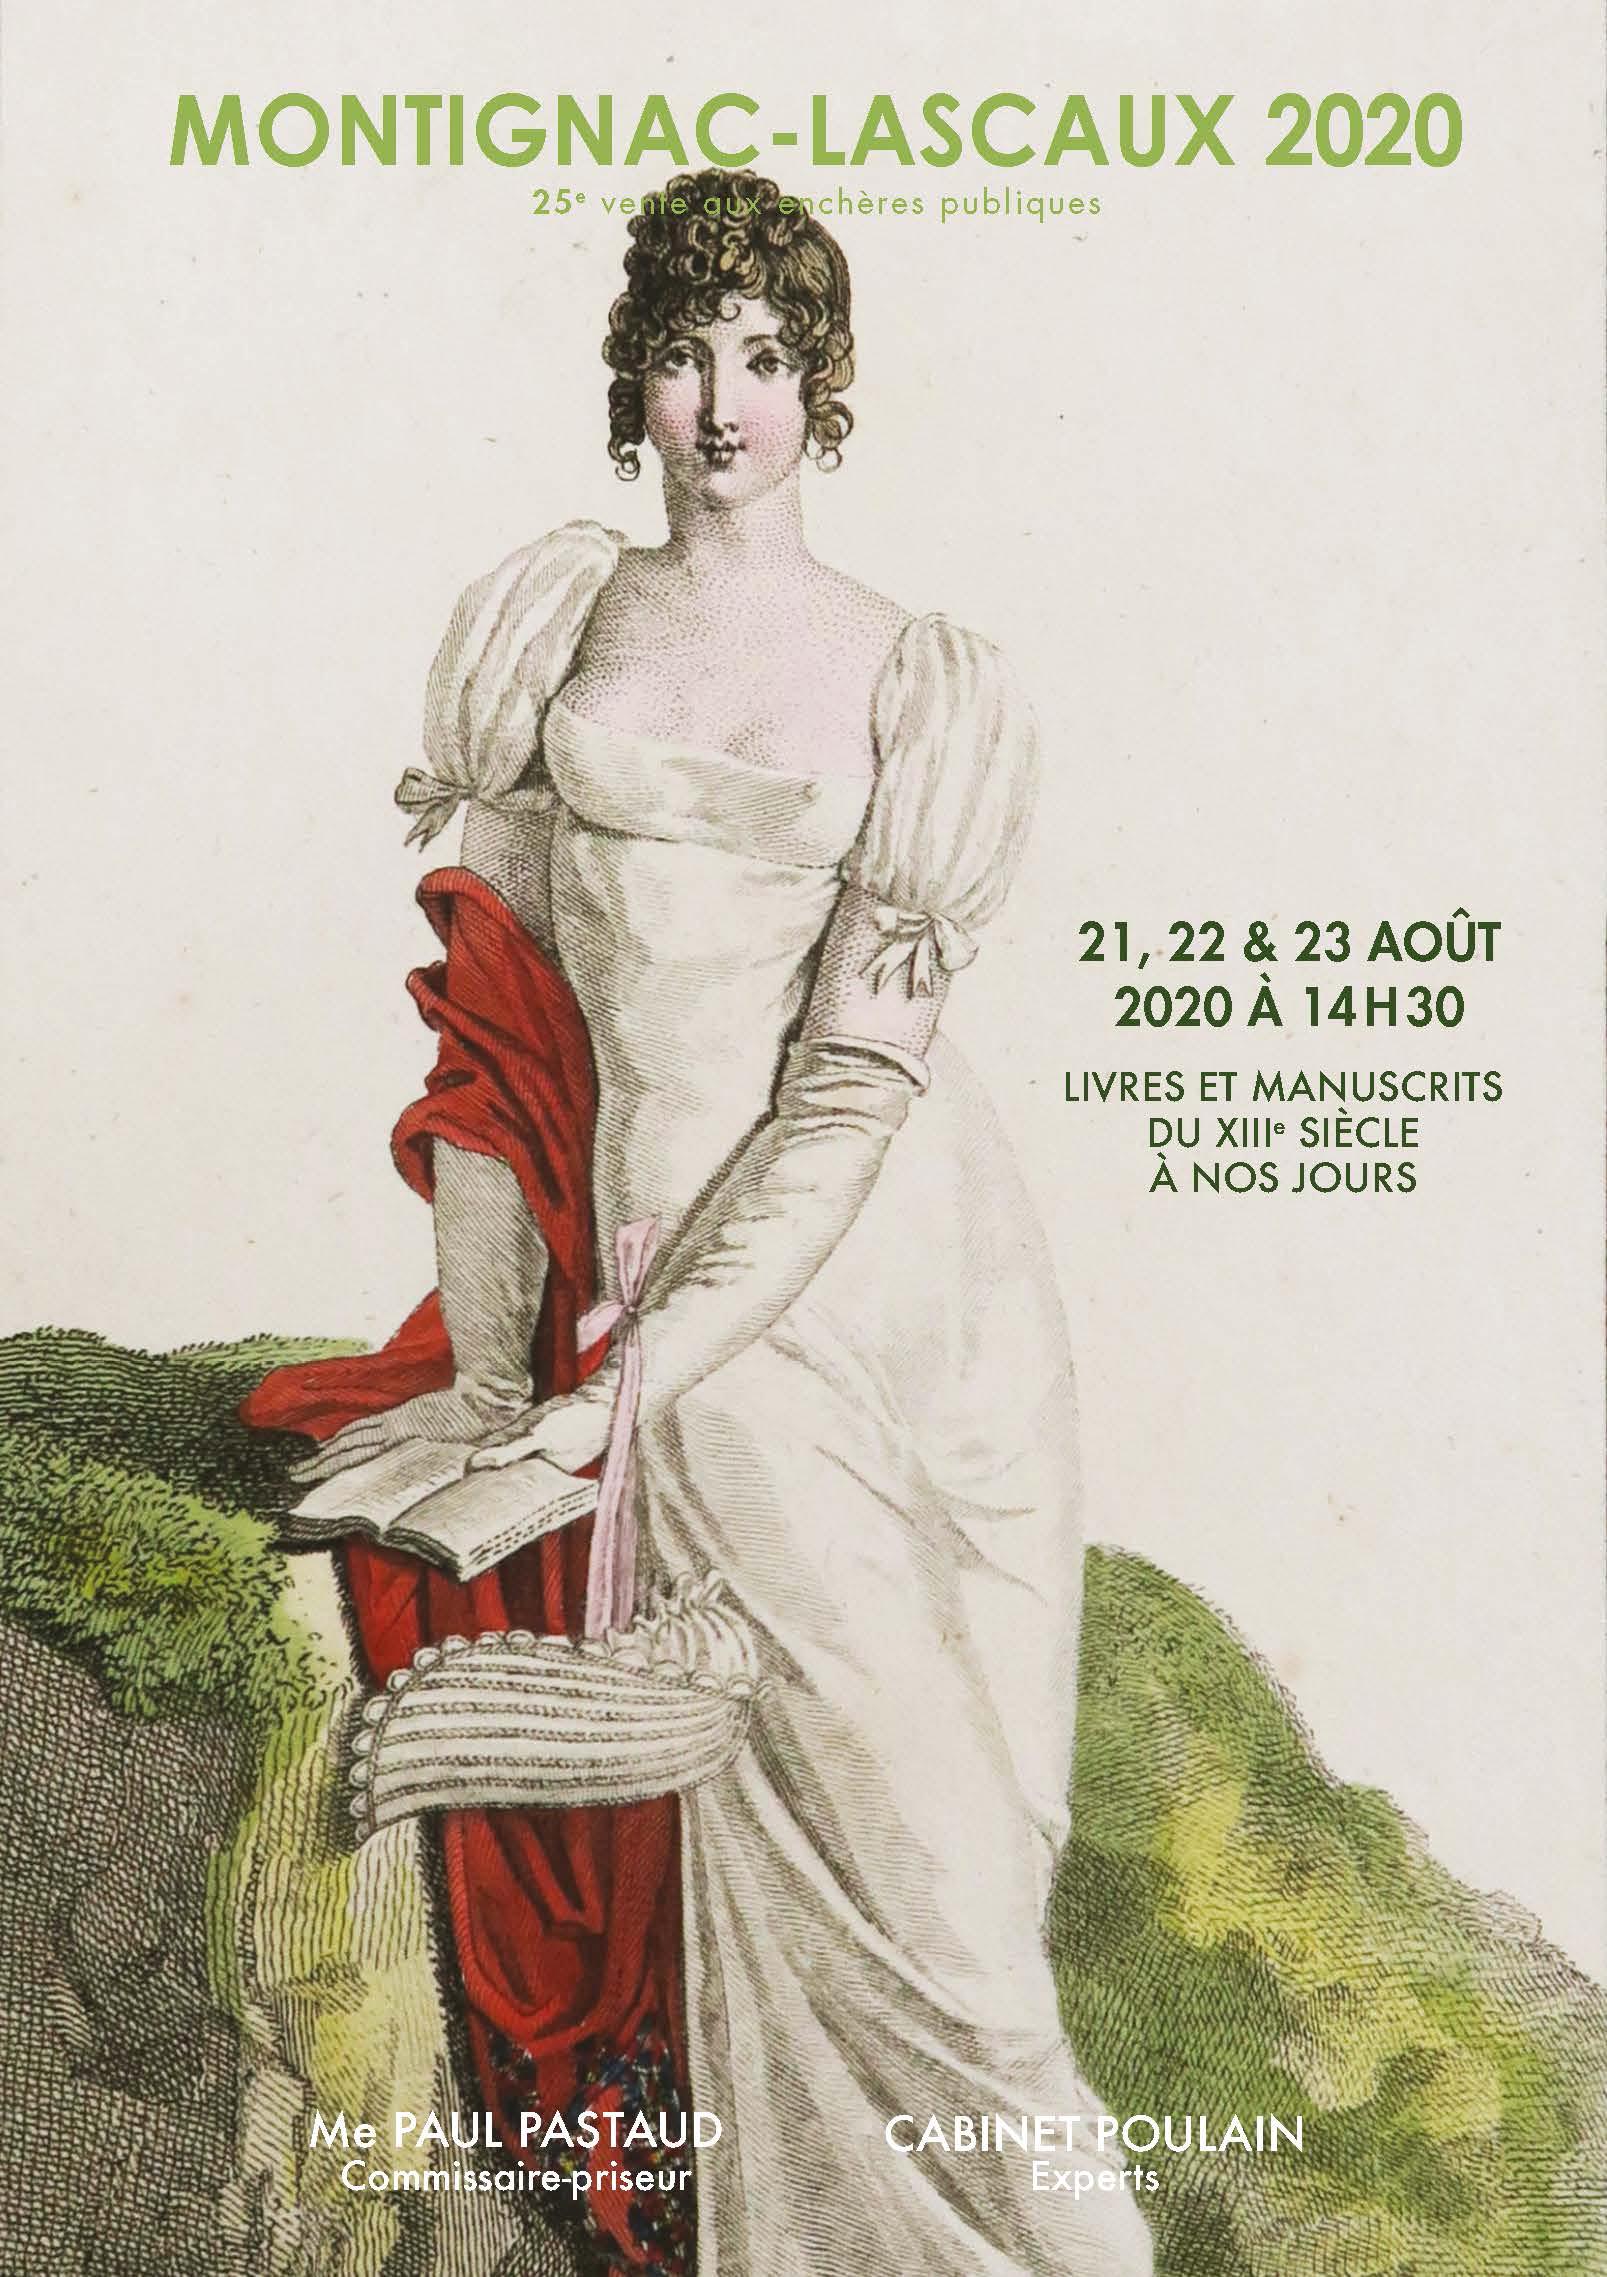 Vente Montignac : 25e vente de Livres Anciens et Modernes - 1er jour (n°1 à 558) chez PASTAUD Maison de Ventes aux Enchères : 558 lots